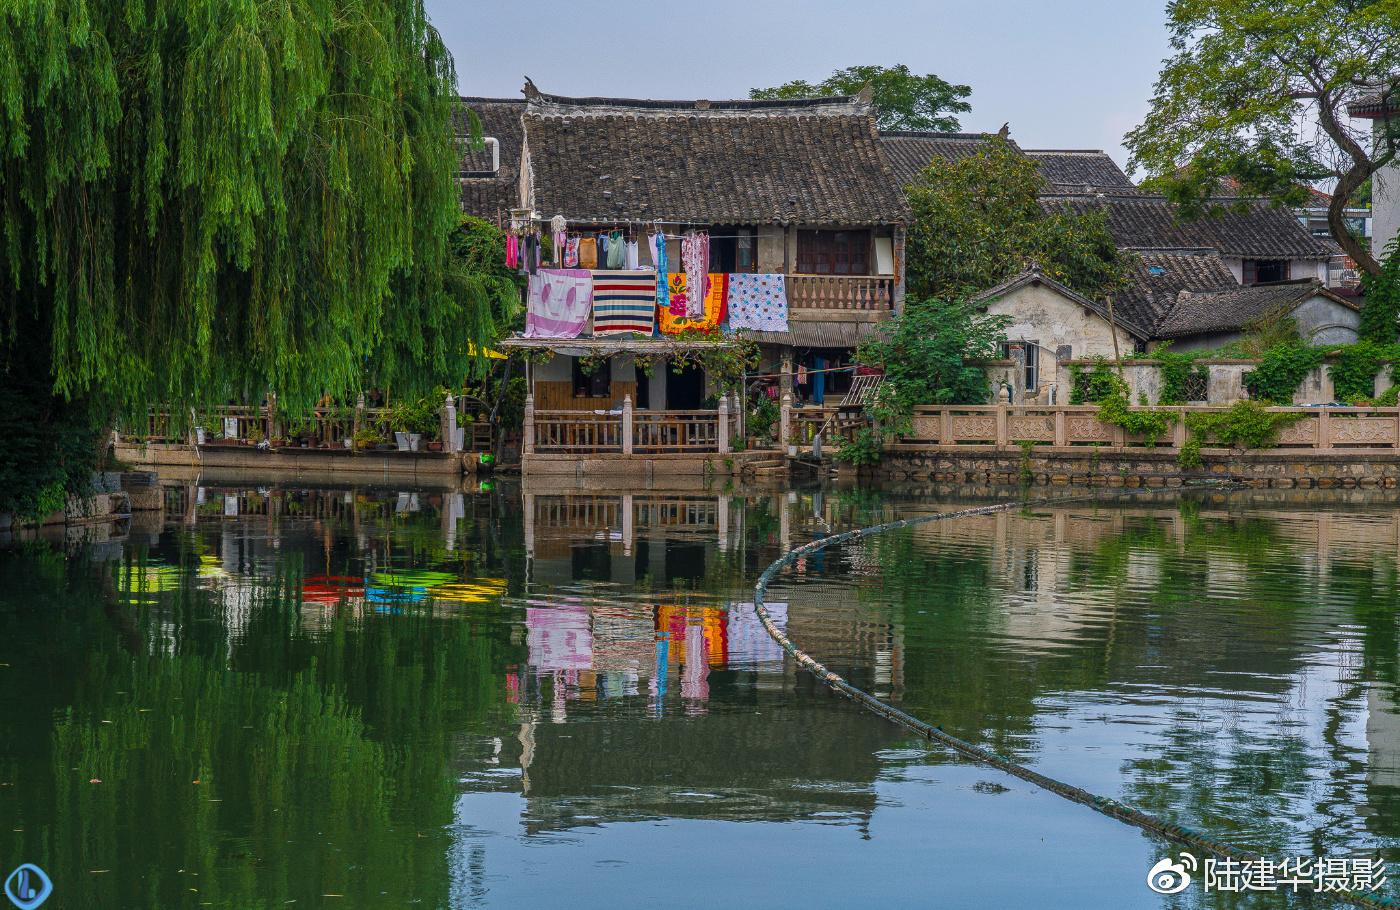 锦溪古镇,一处历史悠久的江南水乡